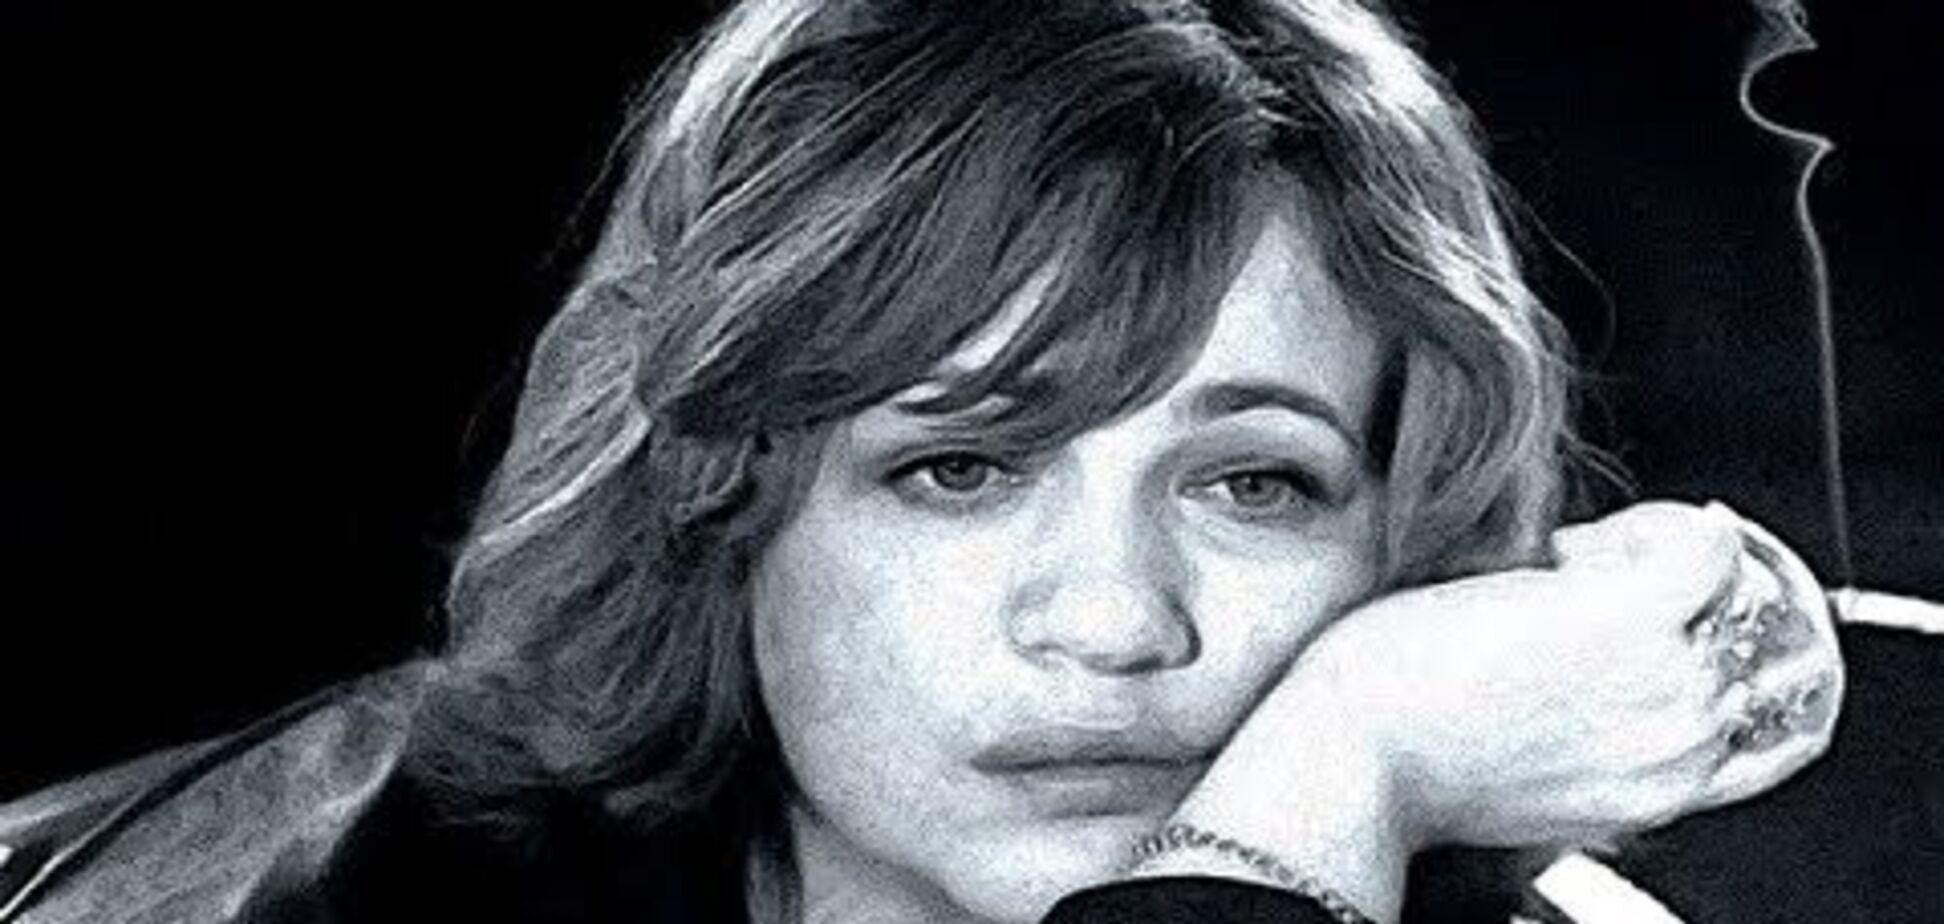 'Ніжки болять? А мама говорила не не палити': Пугачова показувала хвору Галину Волчек